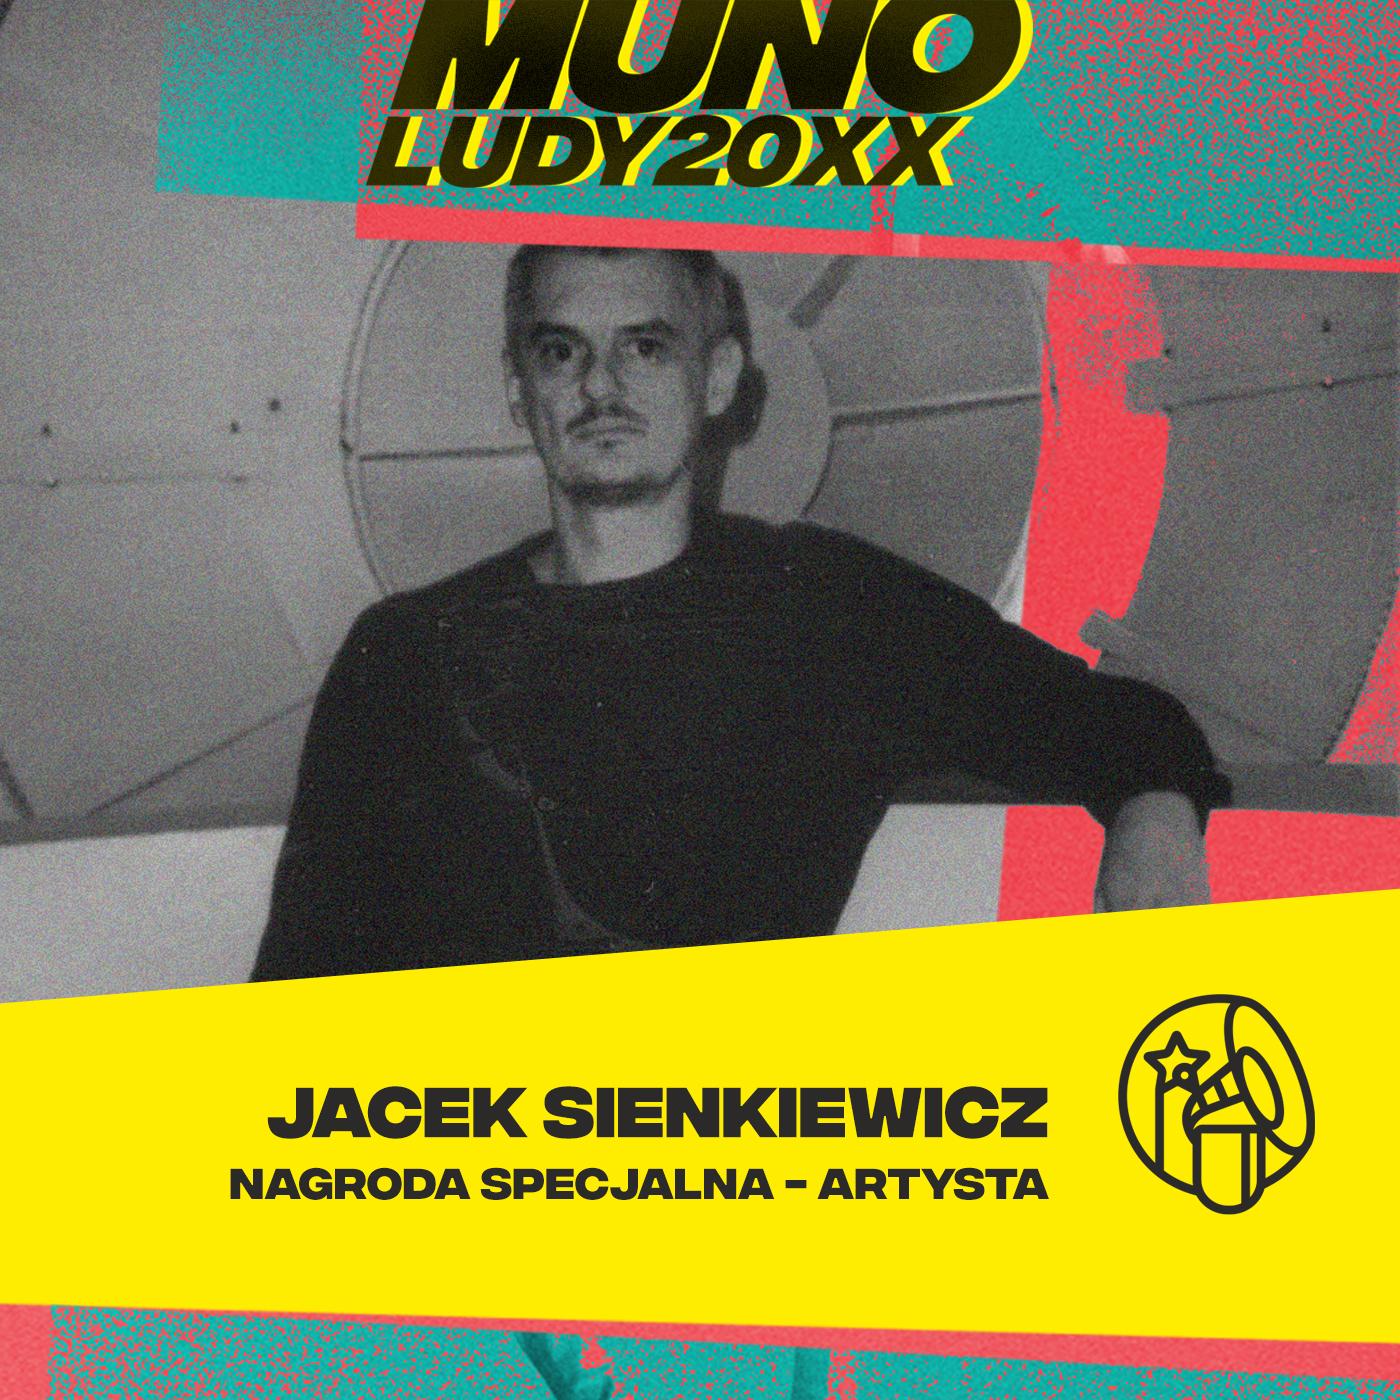 Nagroda Specjalna Munoludy 20XX - Artysta: Jacek Sienkiewicz